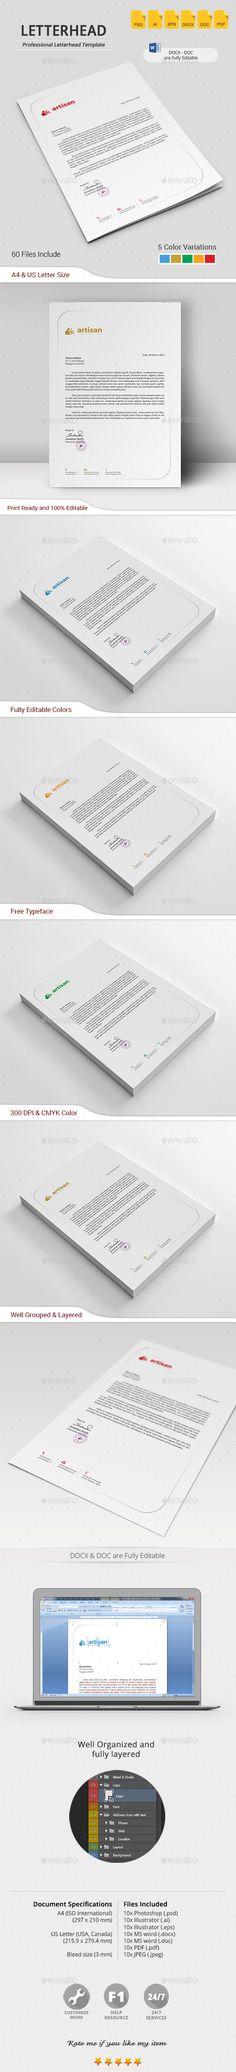 letter format on letterhead%0A Letterhead Design Template PSD   Letterhead Design Templates   Pinterest    Letterhead design  Business and Letterhead examples